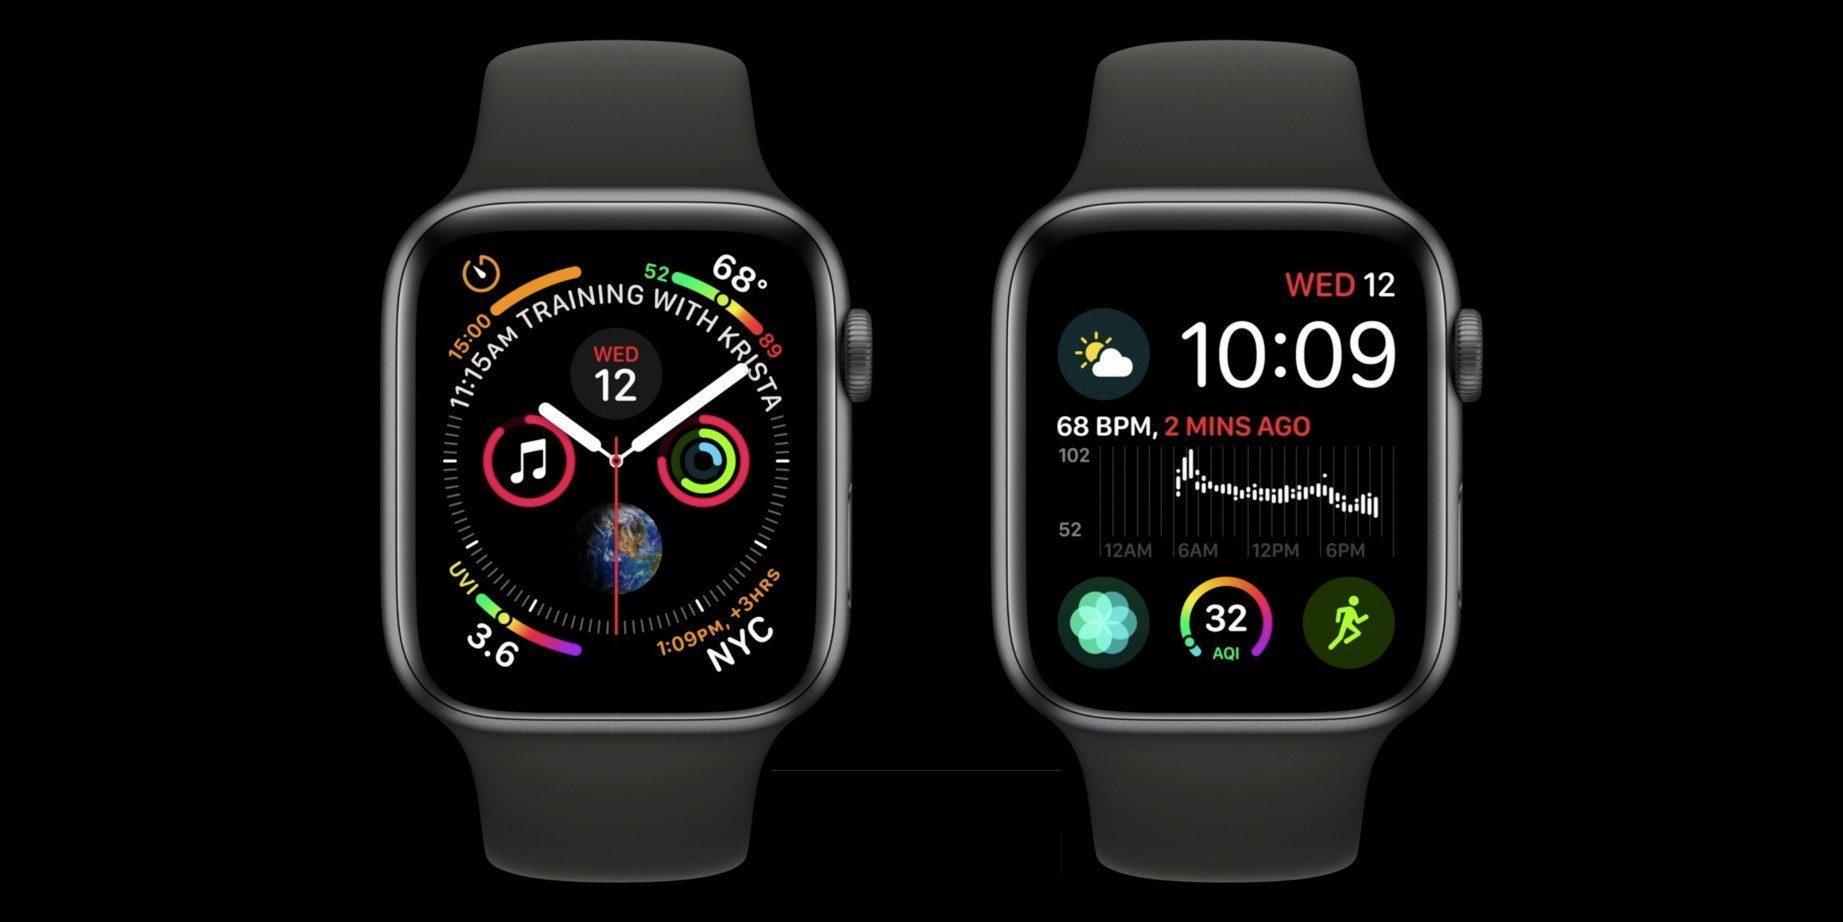 Ecco come funziona il monitoraggio del sonno Apple Watch: qualità del sonno, gestione della batteria e altro